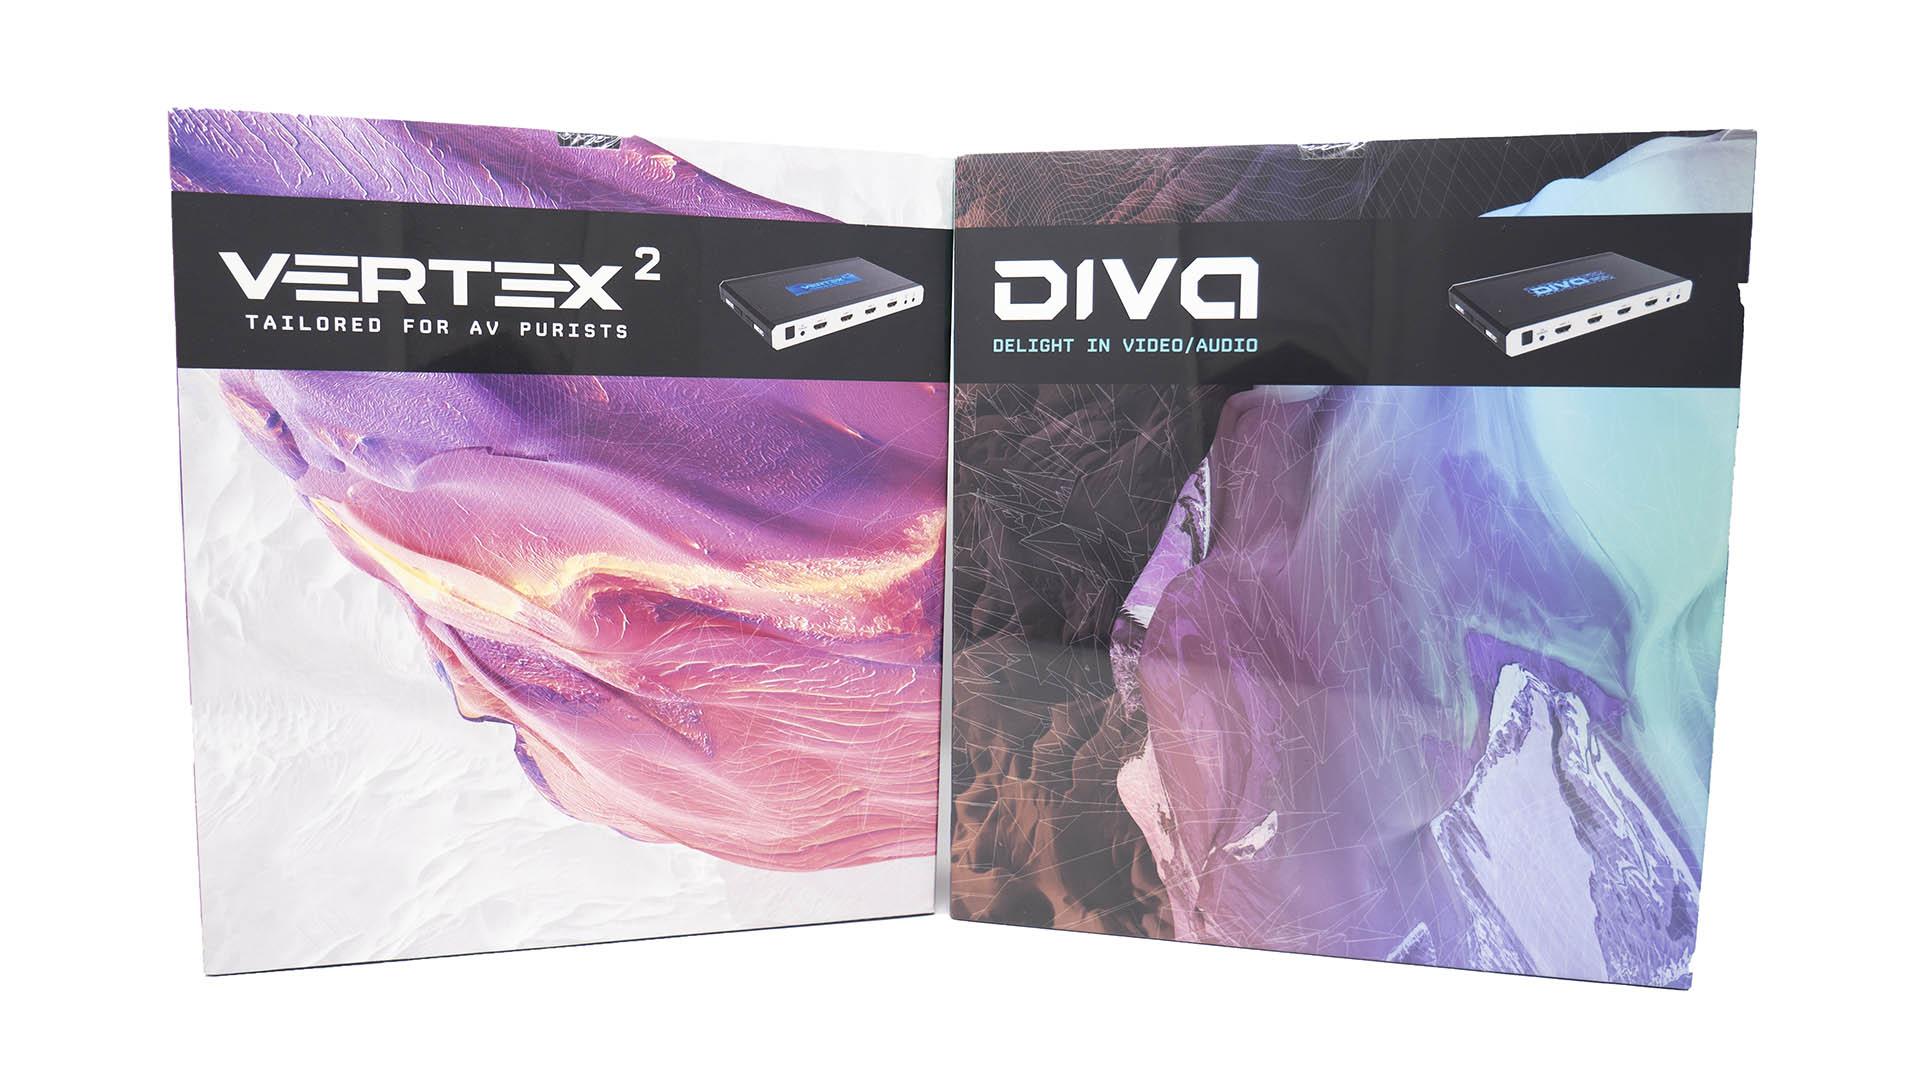 HD Fury Vertex2 & Diva Tested